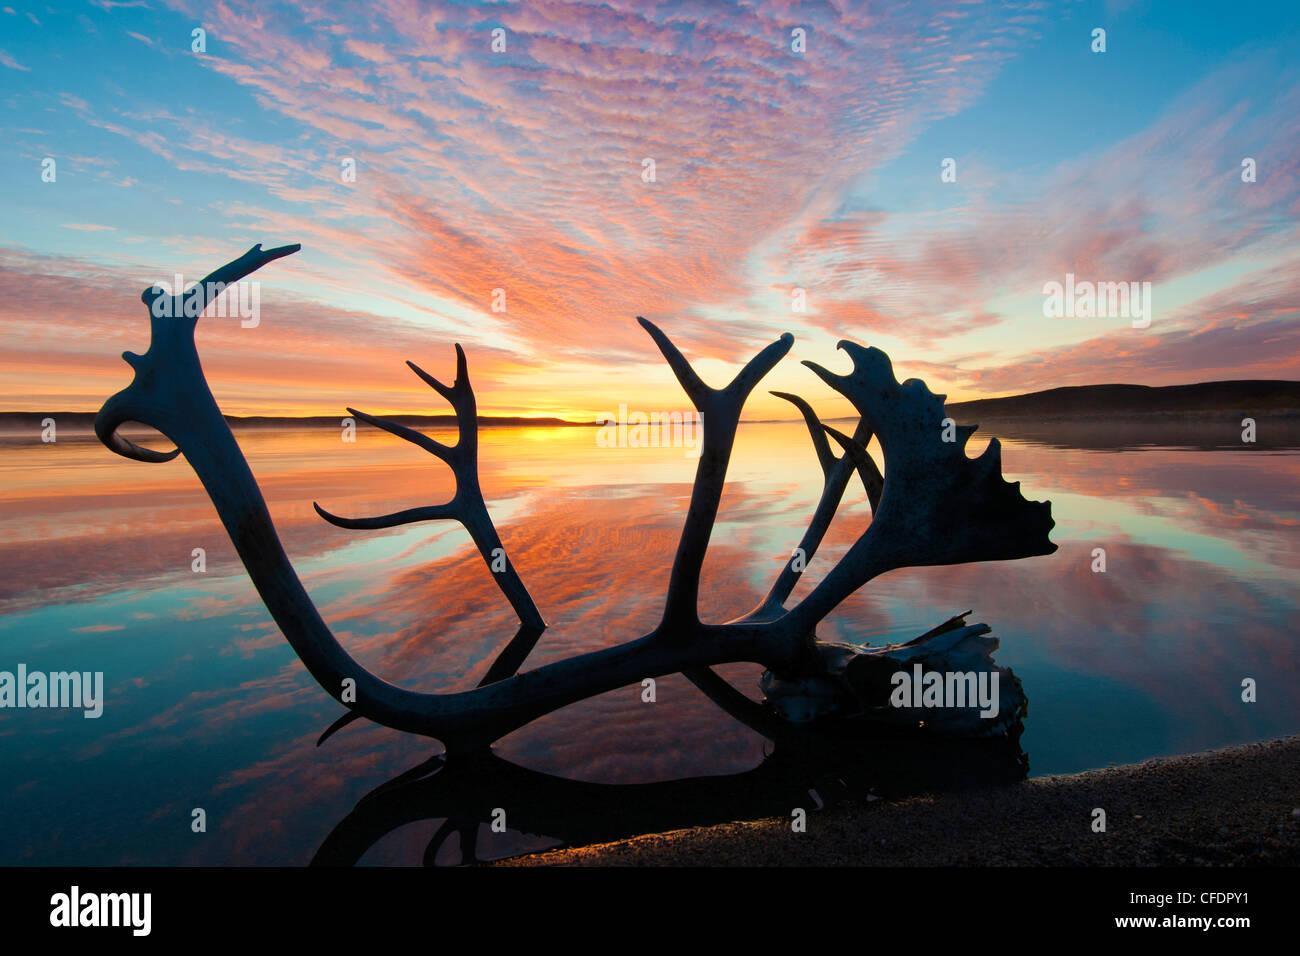 La cornamenta de caribú (Rangifer tarandus) y otoño sunrise, Barrenlands central, Territorios del Noroeste, Imagen De Stock